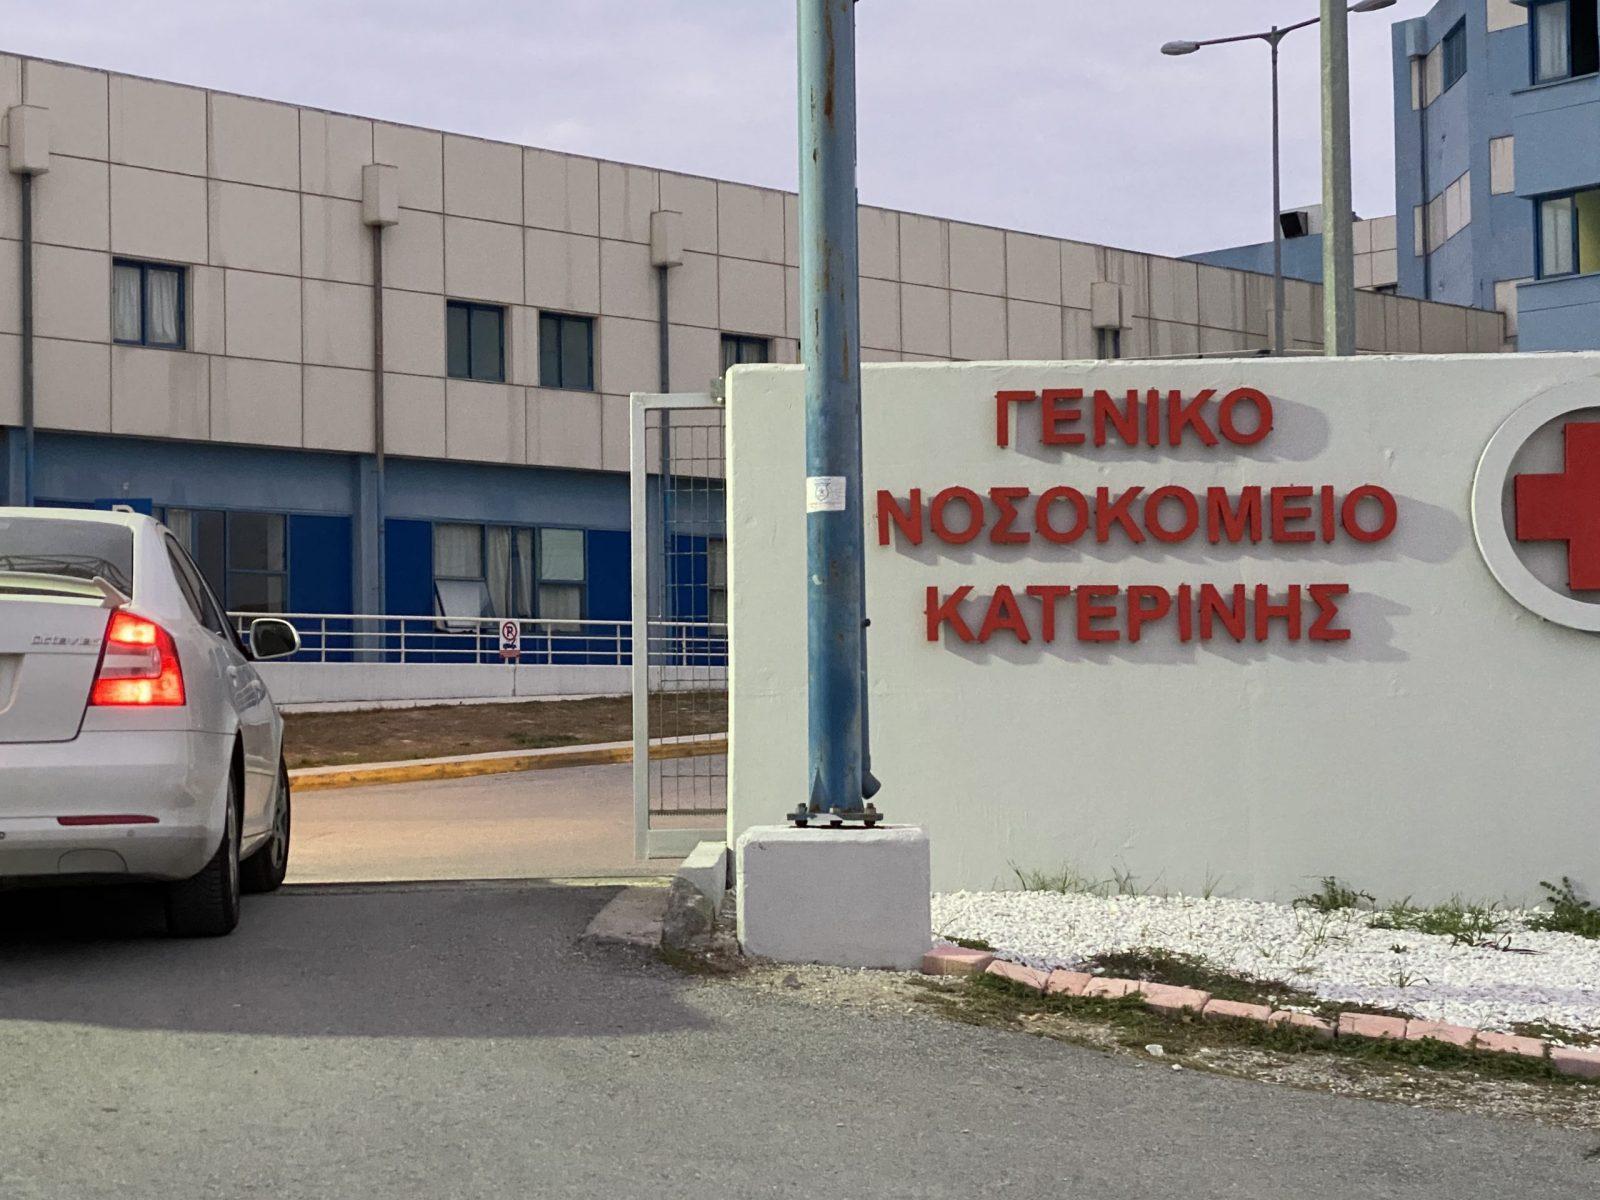 Κατερίνη: 58χρονος ασθενής βρέθηκε απαγχονισμένος σε δωμάτιο του νοσοκομείου